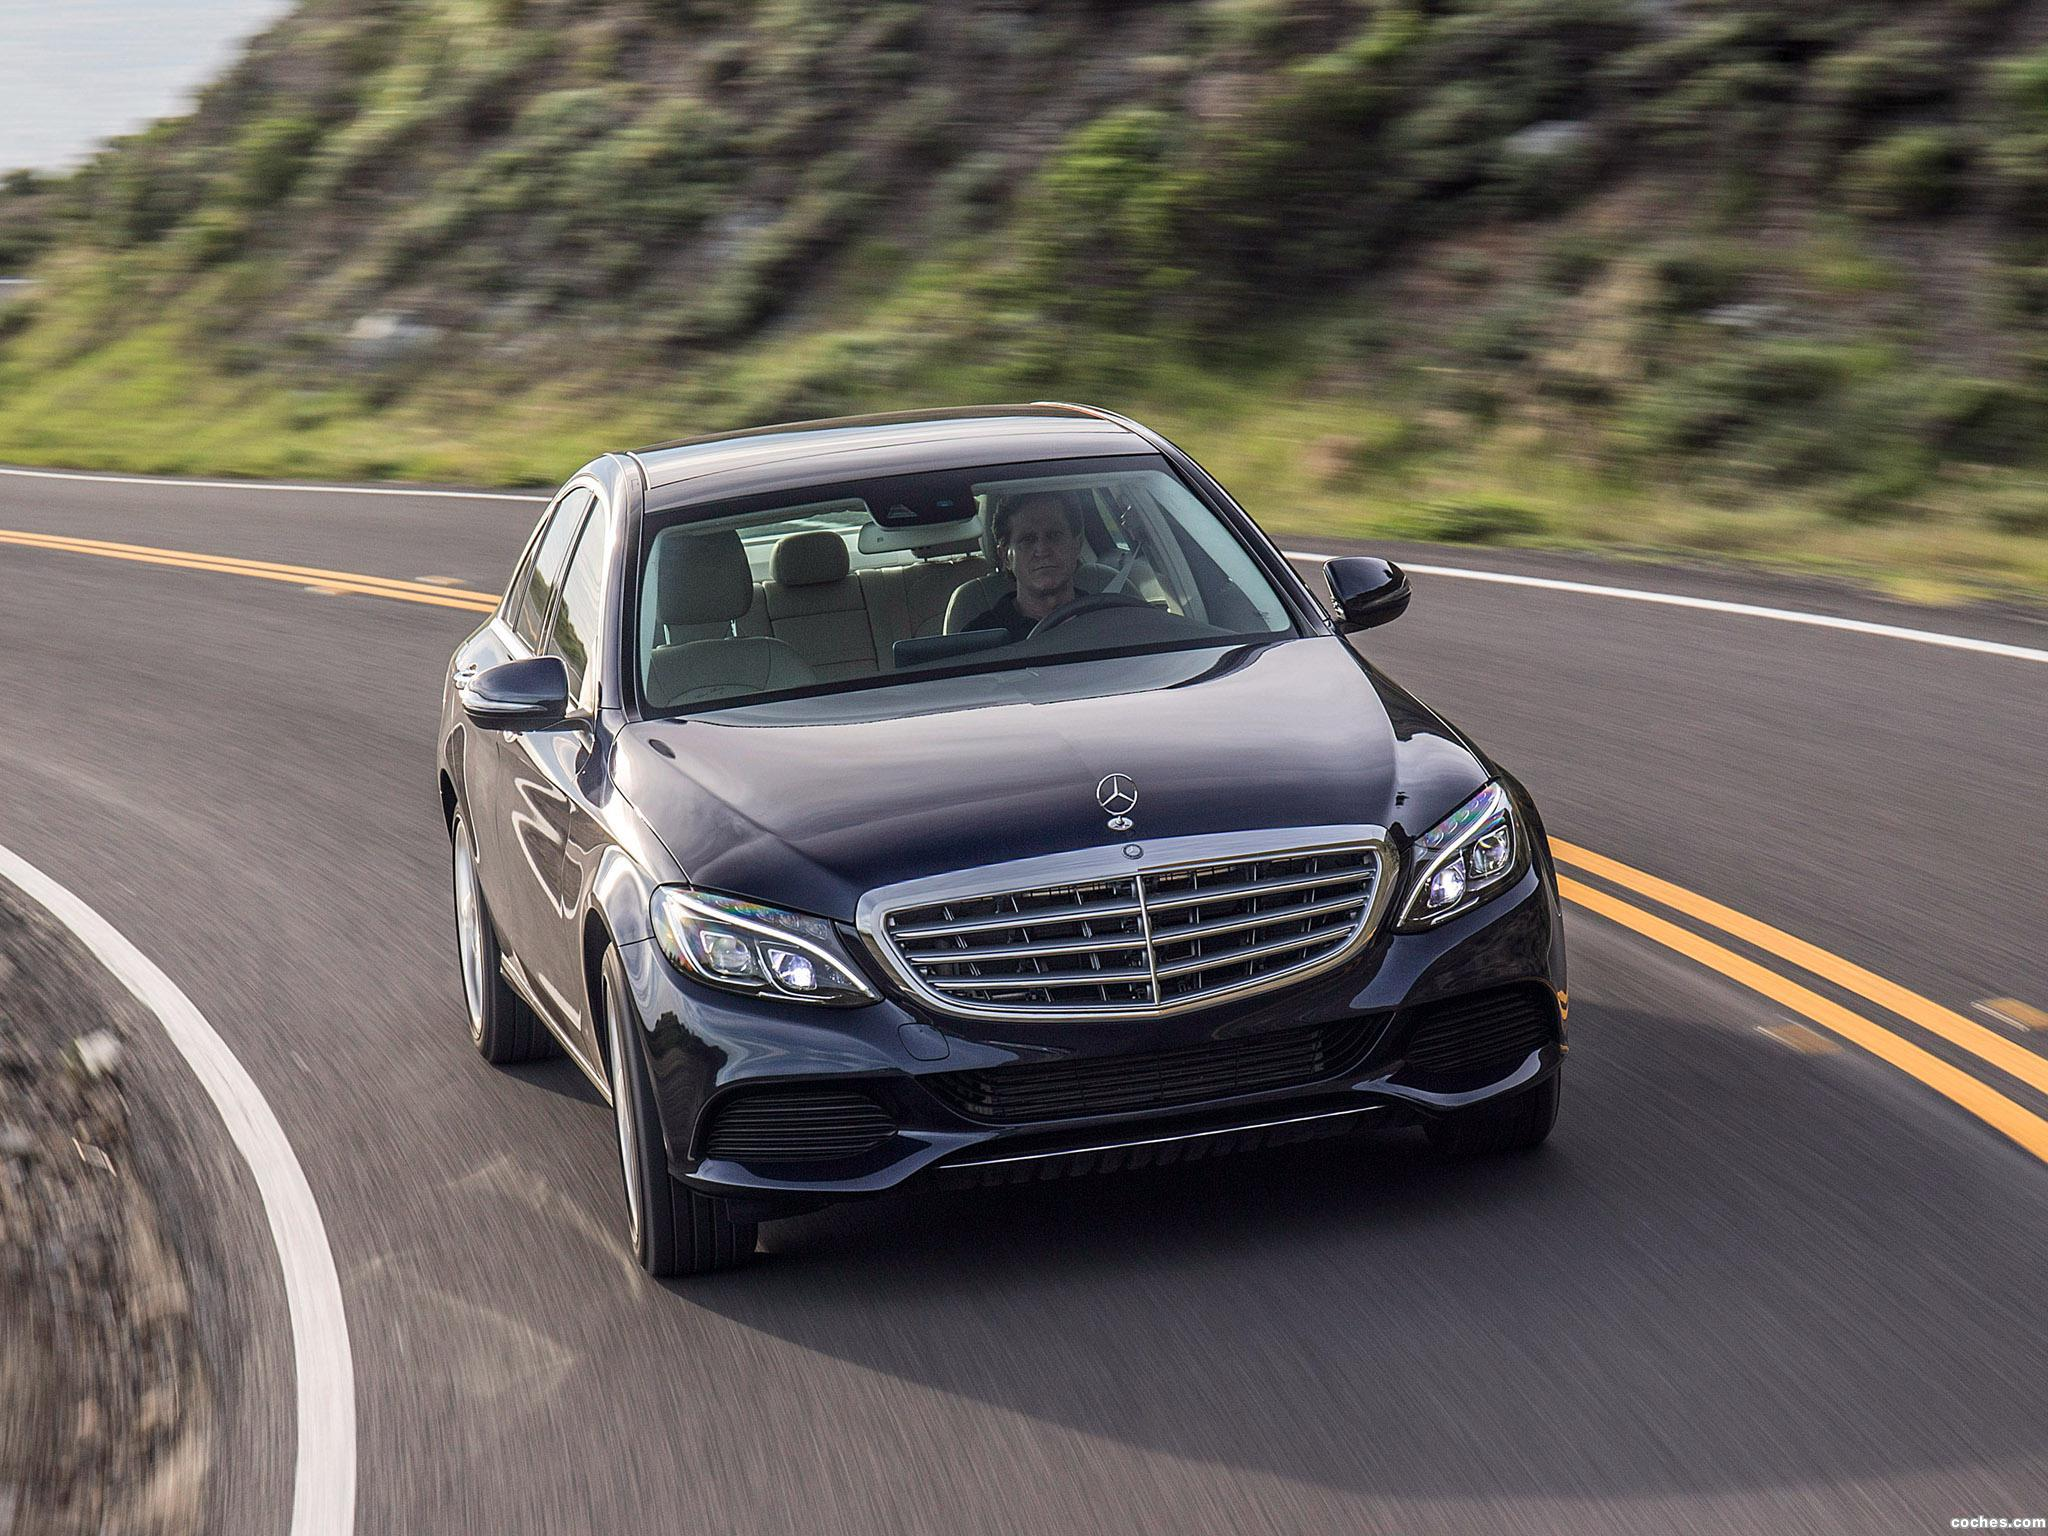 Foto 7 de Mercedes Clase C 350 Exclusive Line W205 USA 2015